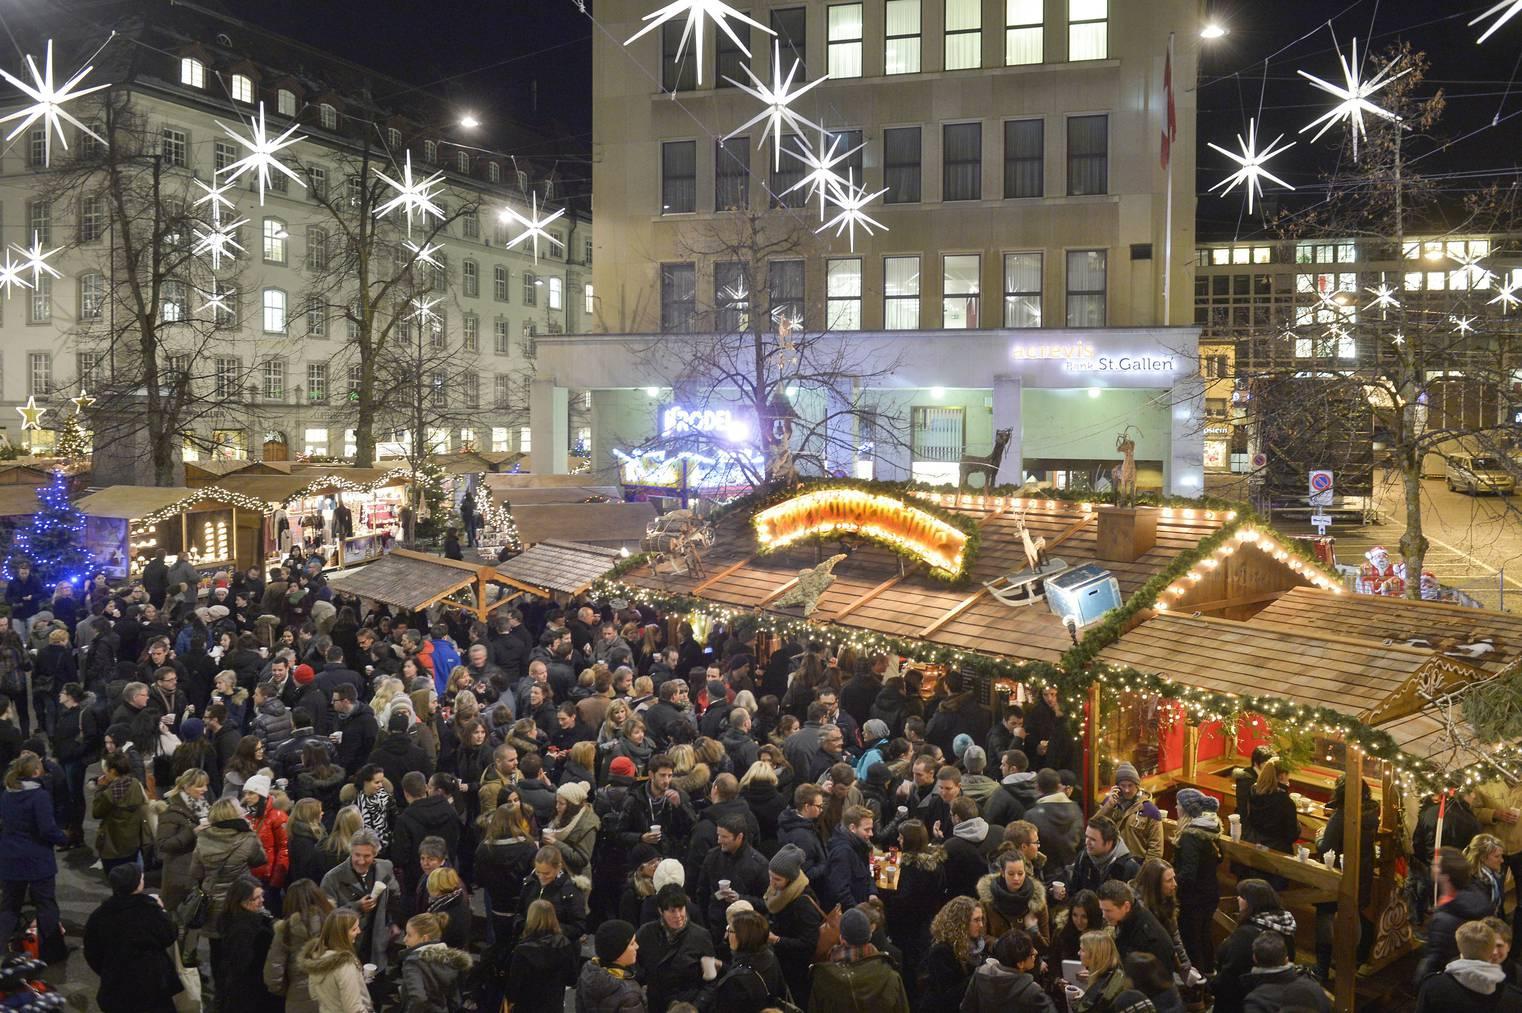 Der Weihnachtsmarkt in St.Gallen ist europaweit bekannt.